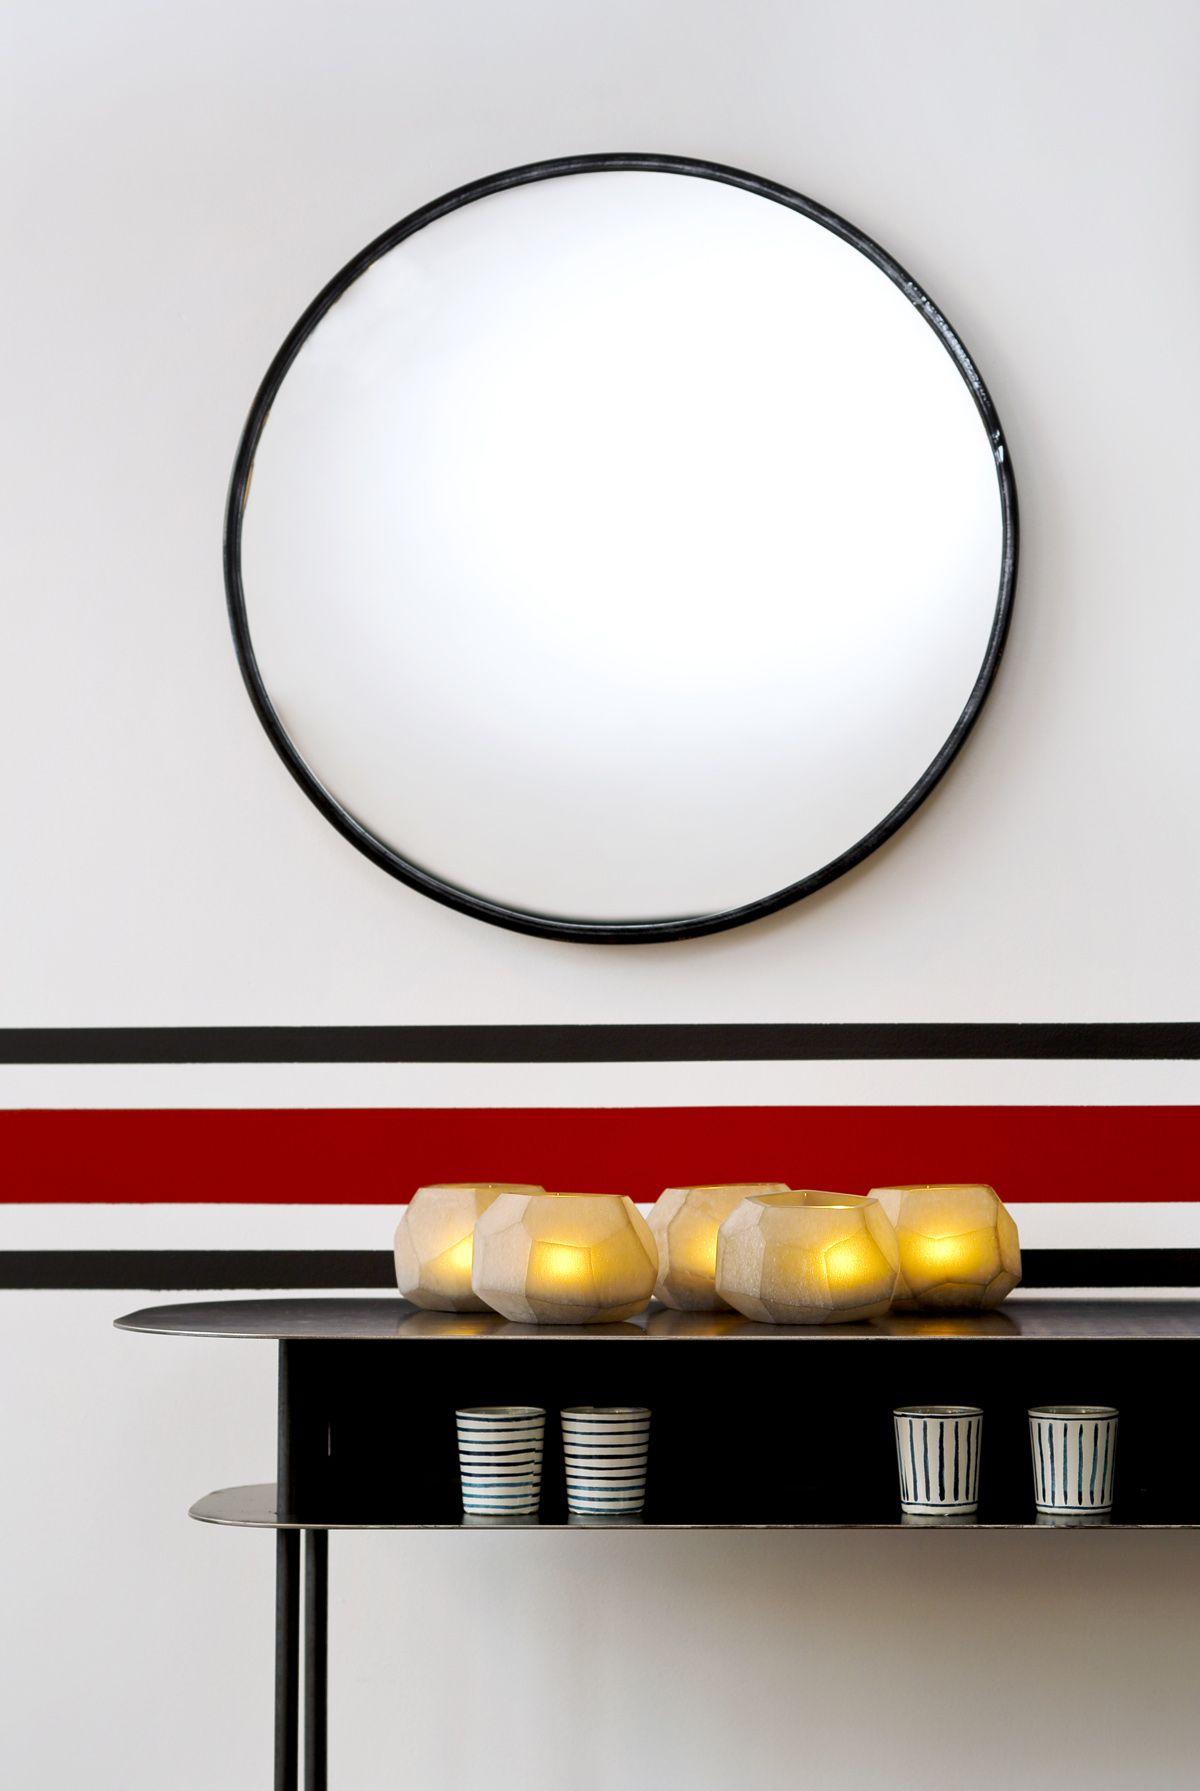 les stripes maison sarah lavoine interjeras house. Black Bedroom Furniture Sets. Home Design Ideas